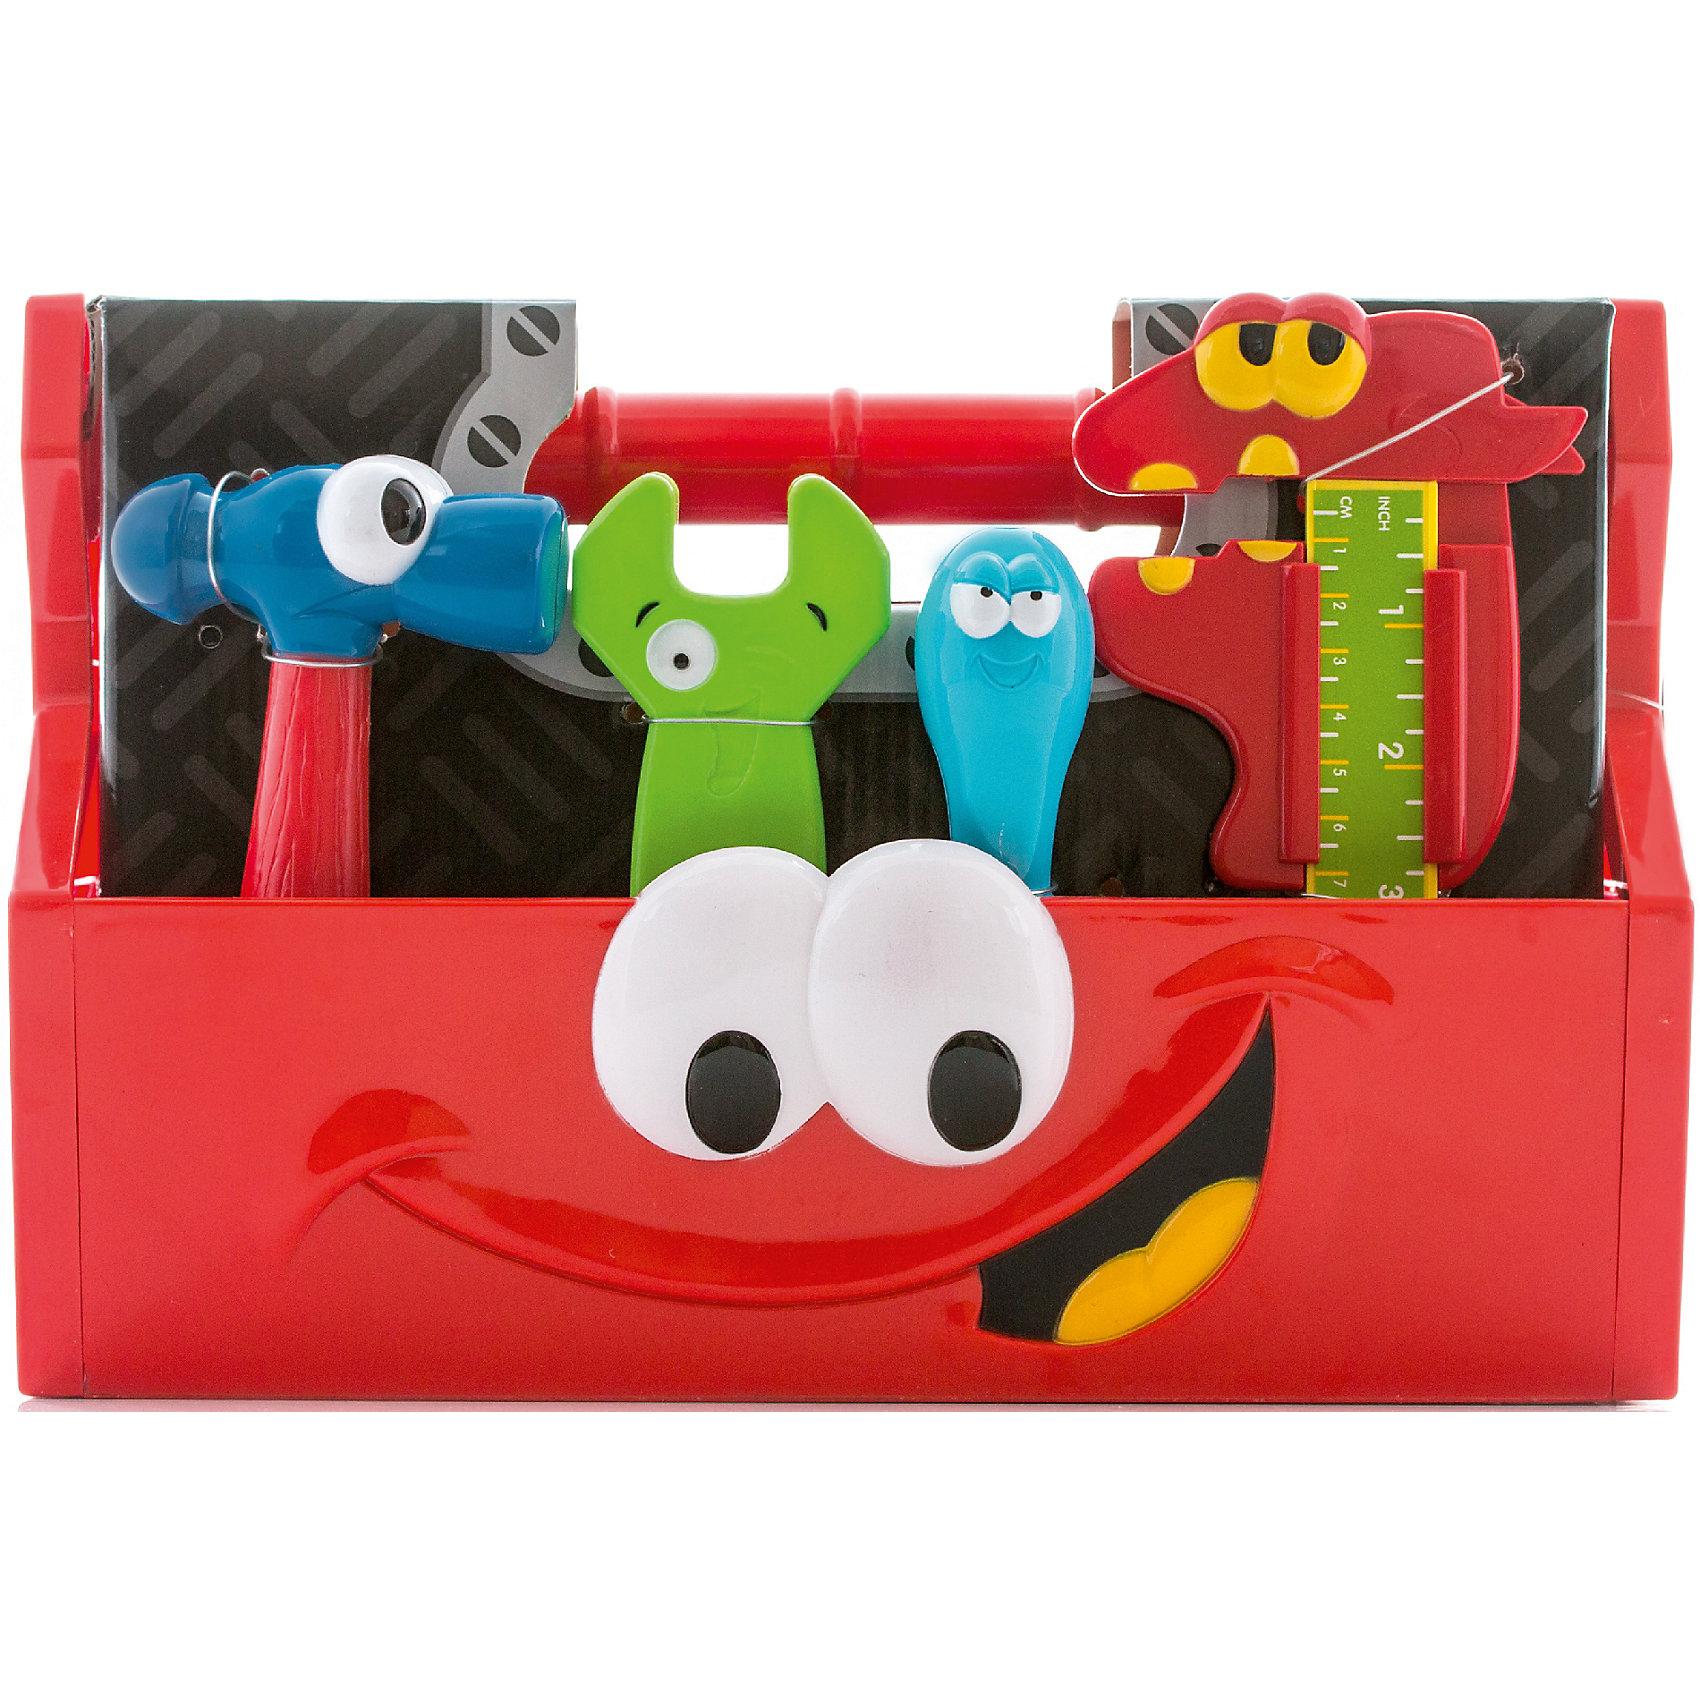 Инструментов из 14 шт в коробке, BoleyХарактеристики товара:<br><br>• размер: 30х18х20 см<br>• комплектация: 14 инструментов, коробка<br>• материал: пластик<br>• вес: 800 г<br>• страна бренда: США<br>• страна производства: Китай<br><br>Игровой набор из безопасных инструментов, которые похожи на настоящие, - отличный подарок для ребенка! Мальчики стараются копировать поведение взрослых - это помогает им многому научиться. Чтобы ребенок мог безопасно и весело играть - вручите ему такие инструменты. Они легкие и яркие!<br>Такая игра помогает ребенку развиваться физически, нарабатывать новые навыки и способности - ловкость, быструю реакцию, моторику, а также активизирует процессы мышления. Изделие производится из качественных сертифицированных материалов, безопасных даже для самых маленьких.<br><br>Игровой набор инструментов из 14 шт в коробке от бренда Boley можно купить в нашем интернет-магазине.<br><br>Ширина мм: 300<br>Глубина мм: 210<br>Высота мм: 180<br>Вес г: 832<br>Возраст от месяцев: 36<br>Возраст до месяцев: 2147483647<br>Пол: Мужской<br>Возраст: Детский<br>SKU: 5224448